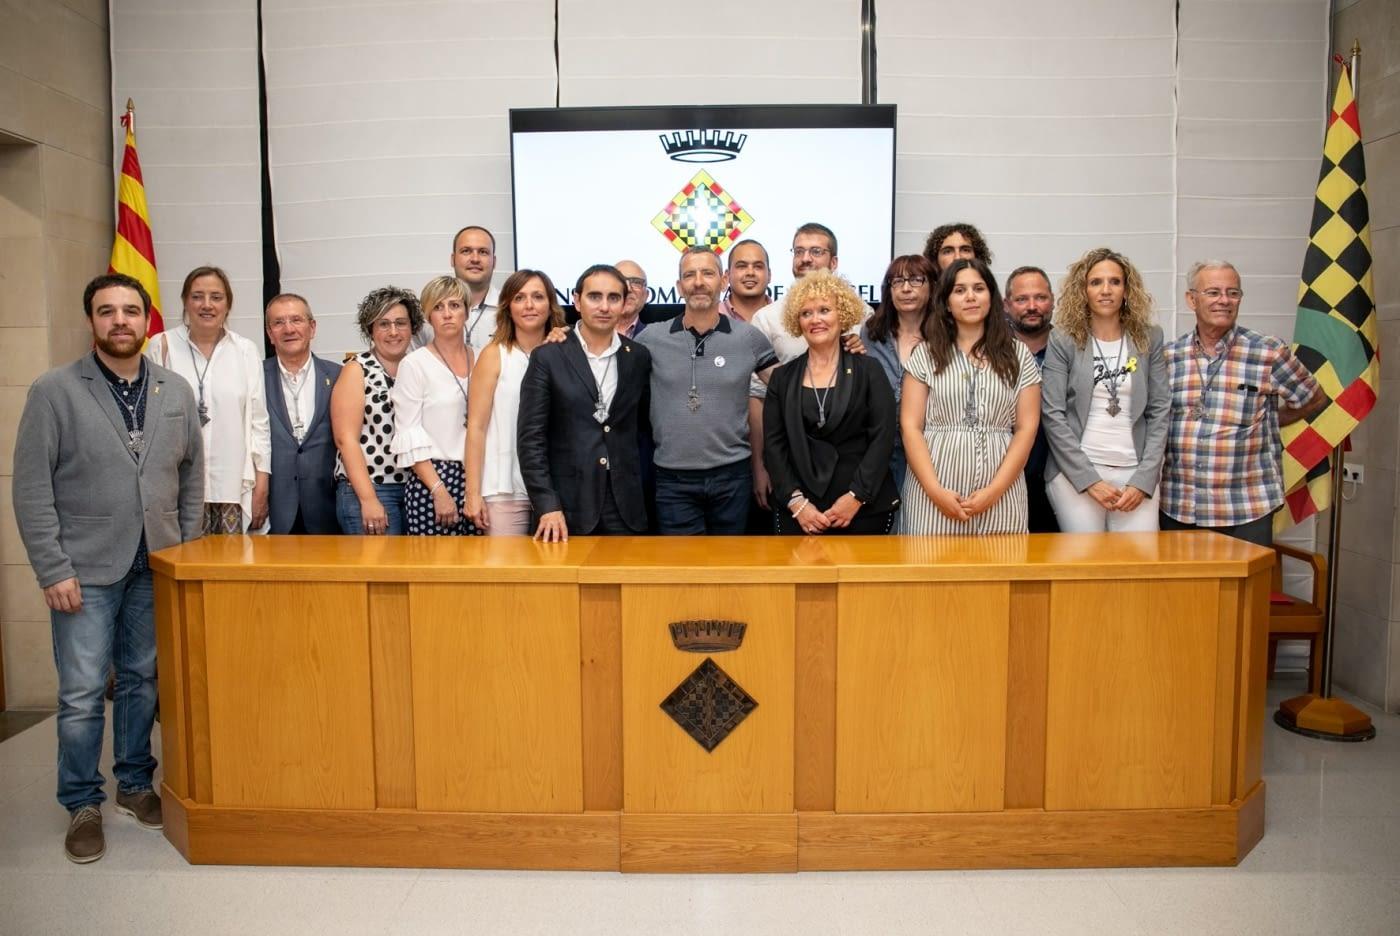 CONSTITUCIÓ DEL CONSELL COMARCAL DE L'URGELL PER A LA LESGISLATURA 2019/23